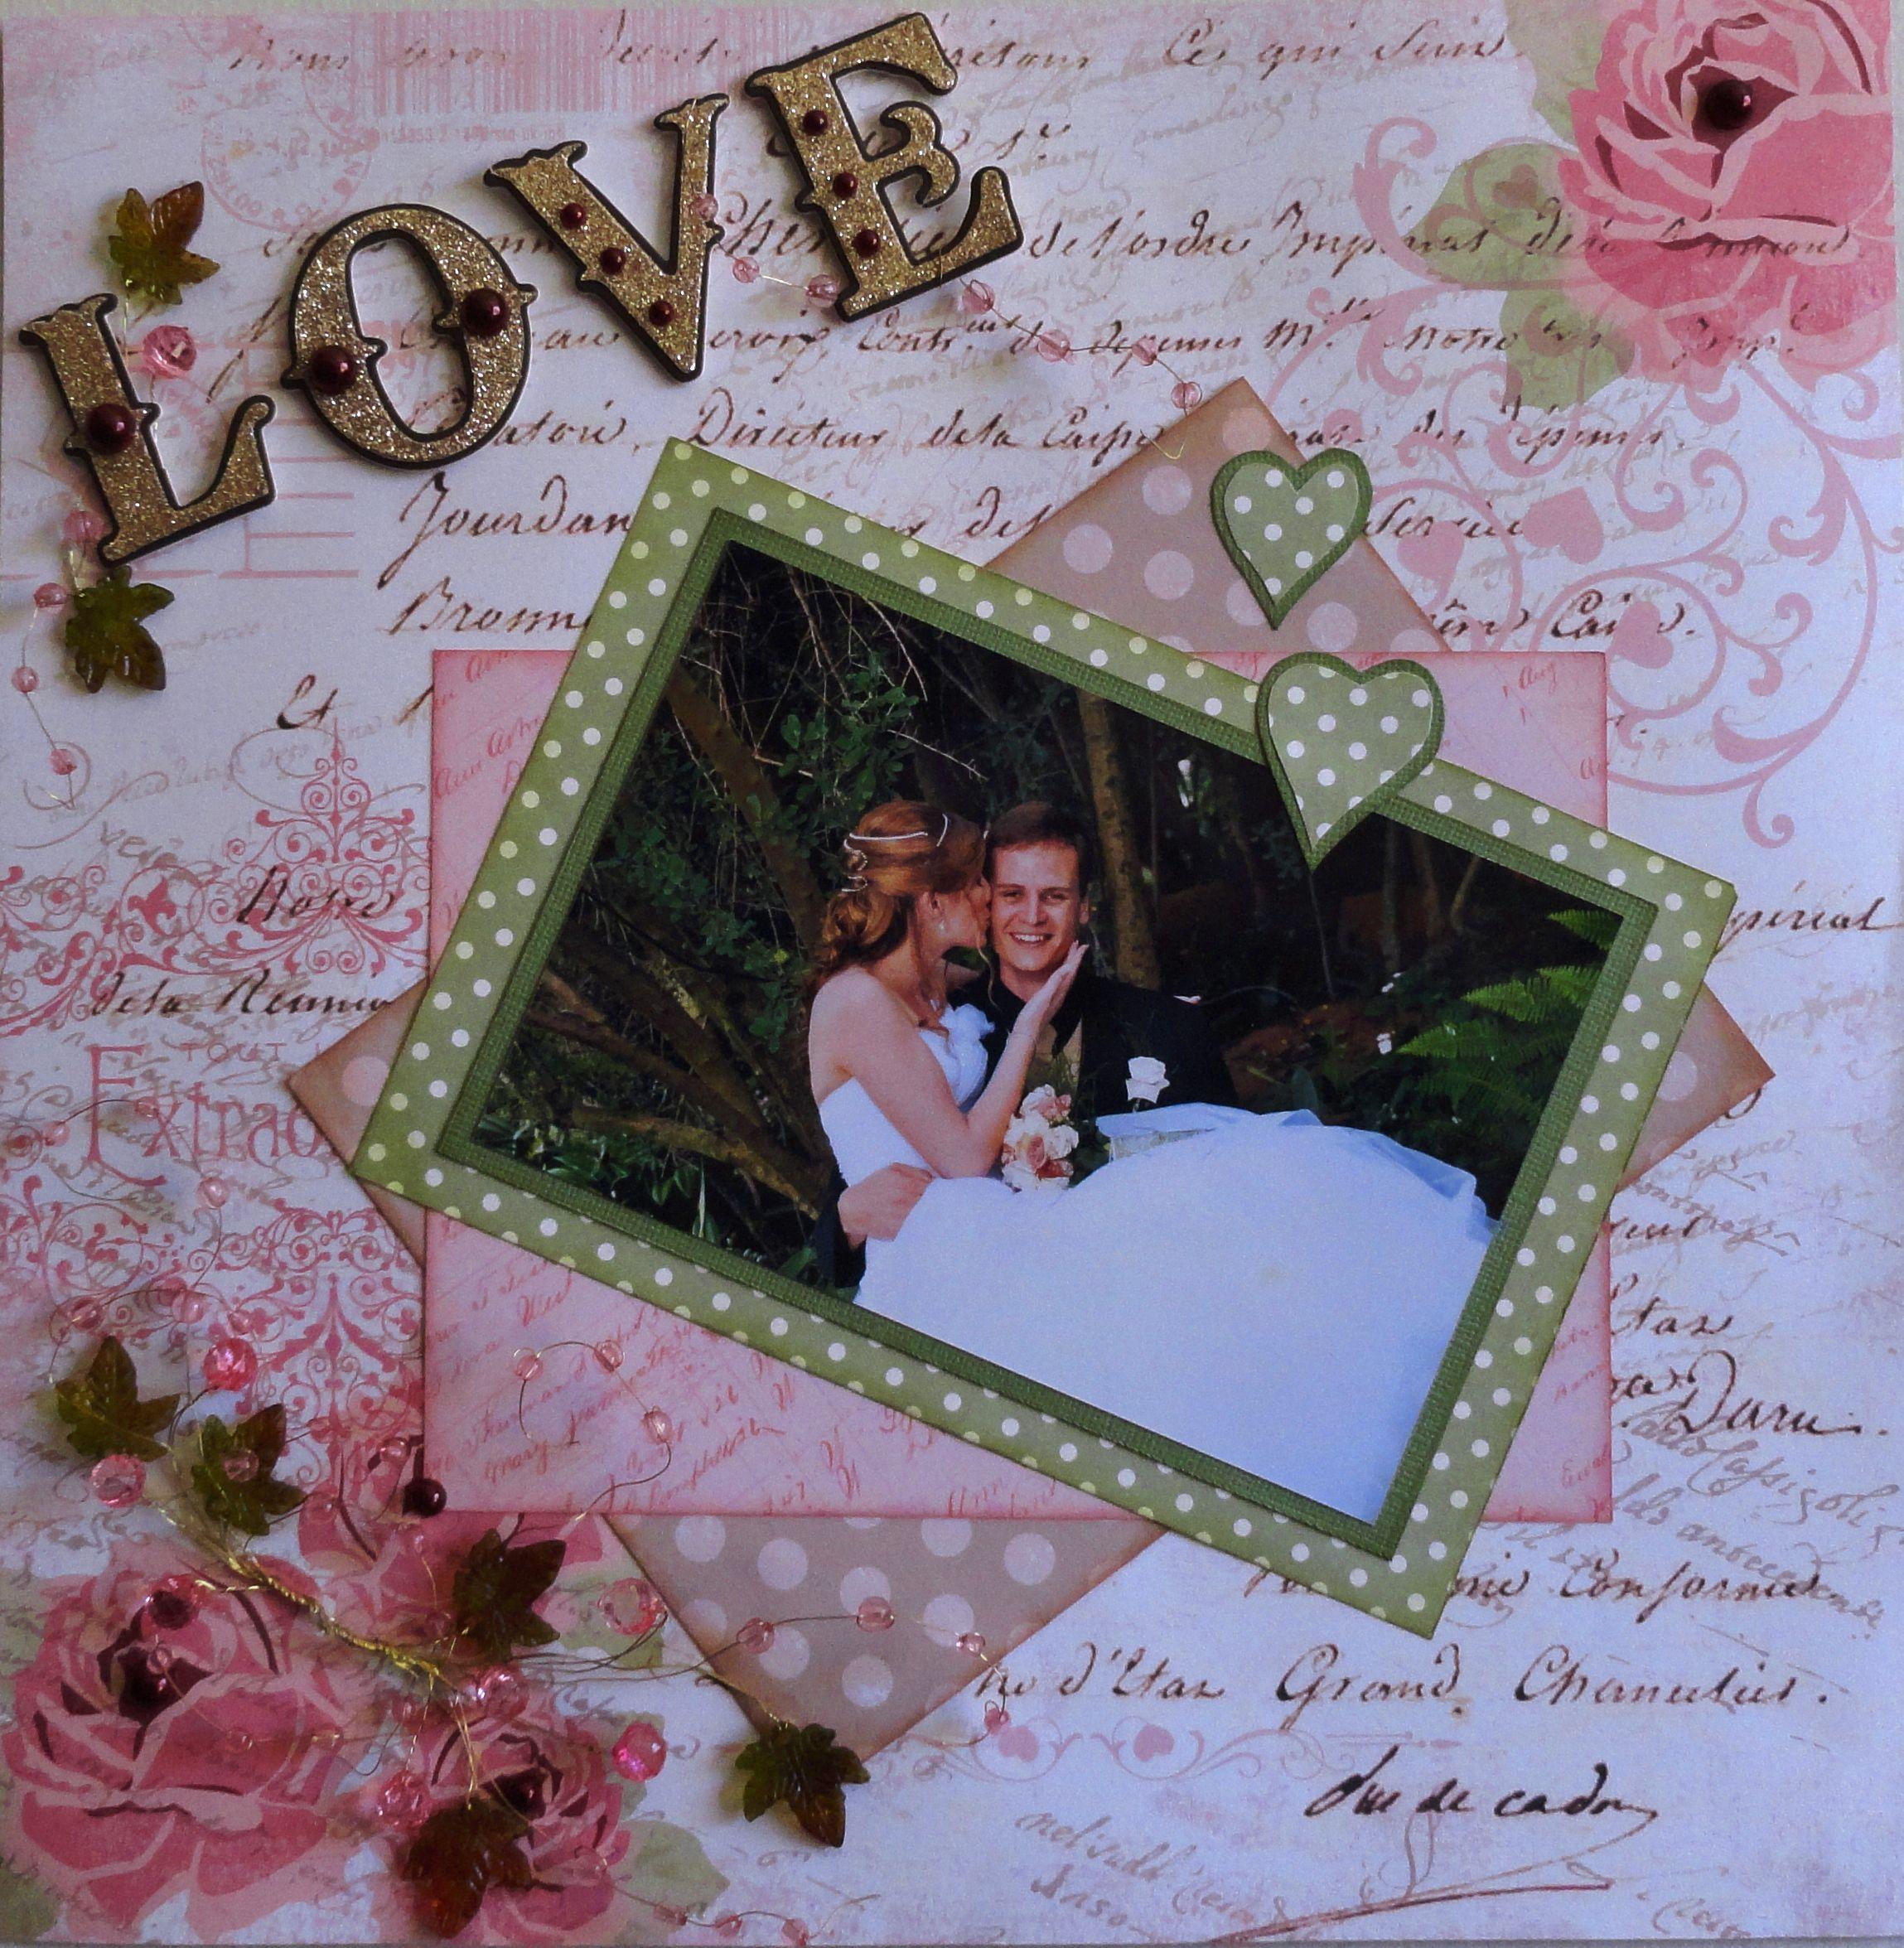 shawnmiller wedding scrapbook layouts